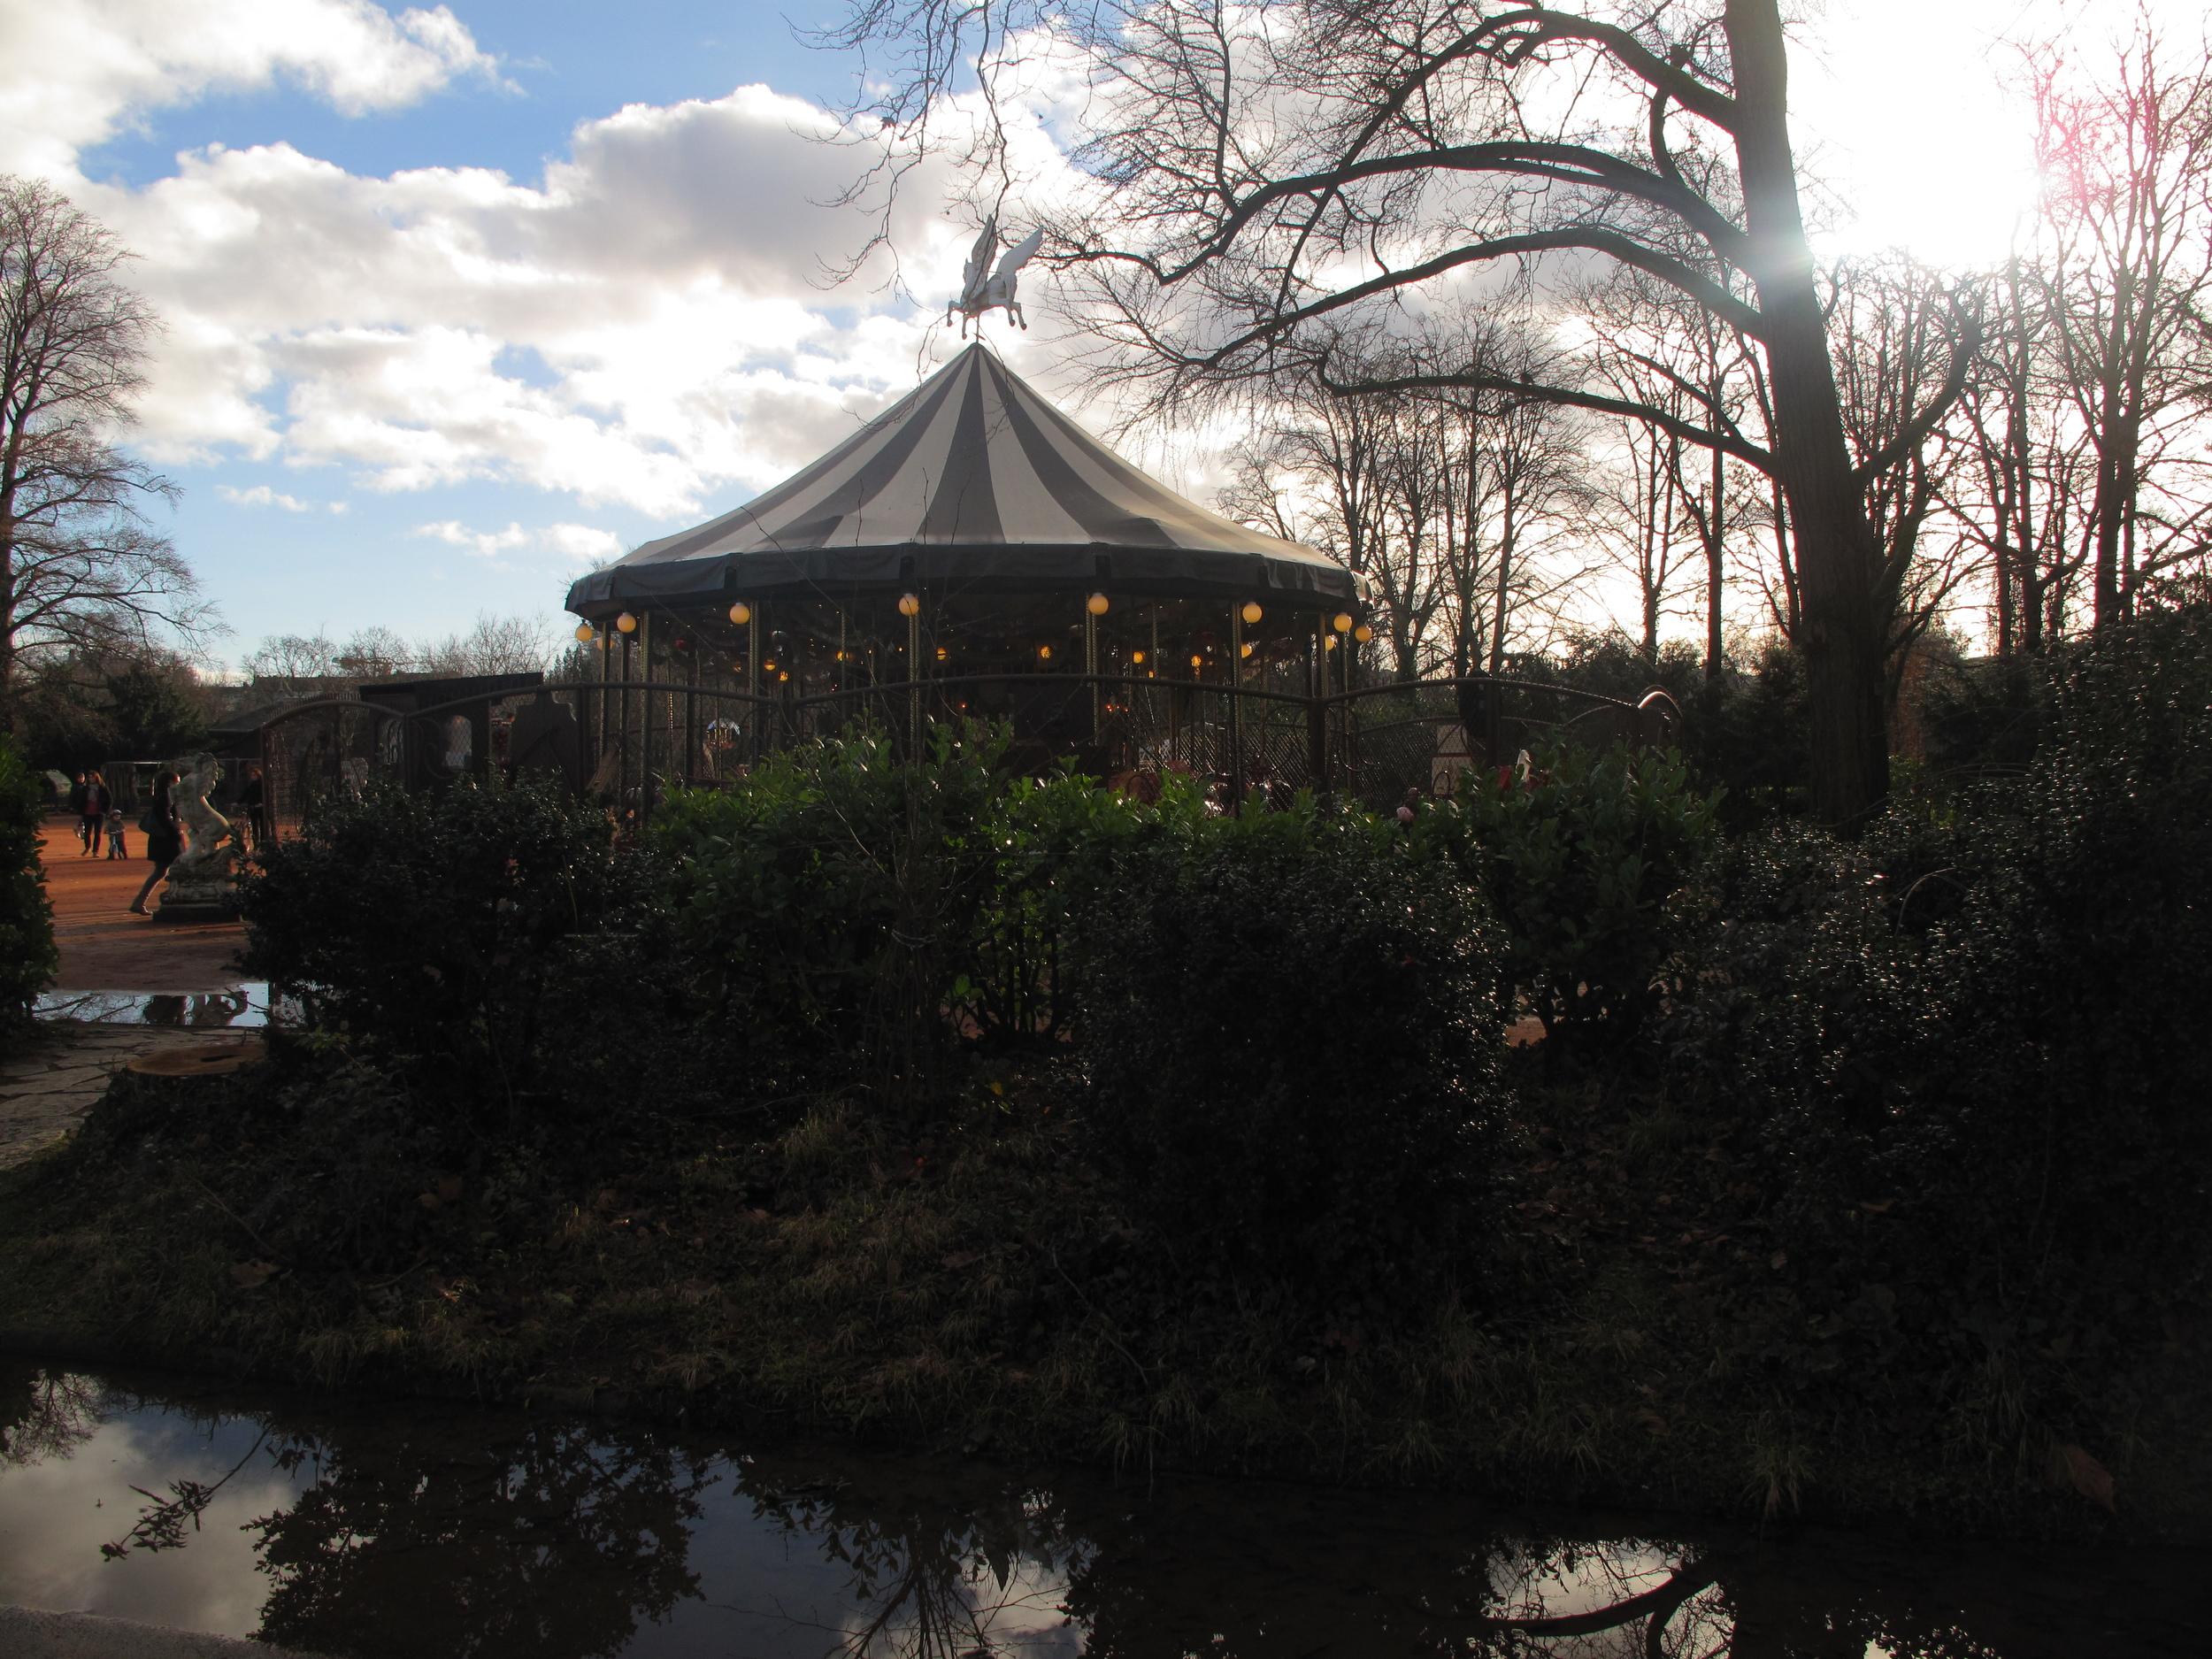 Carrousel and children's park at the Parc de la Tête d'Or